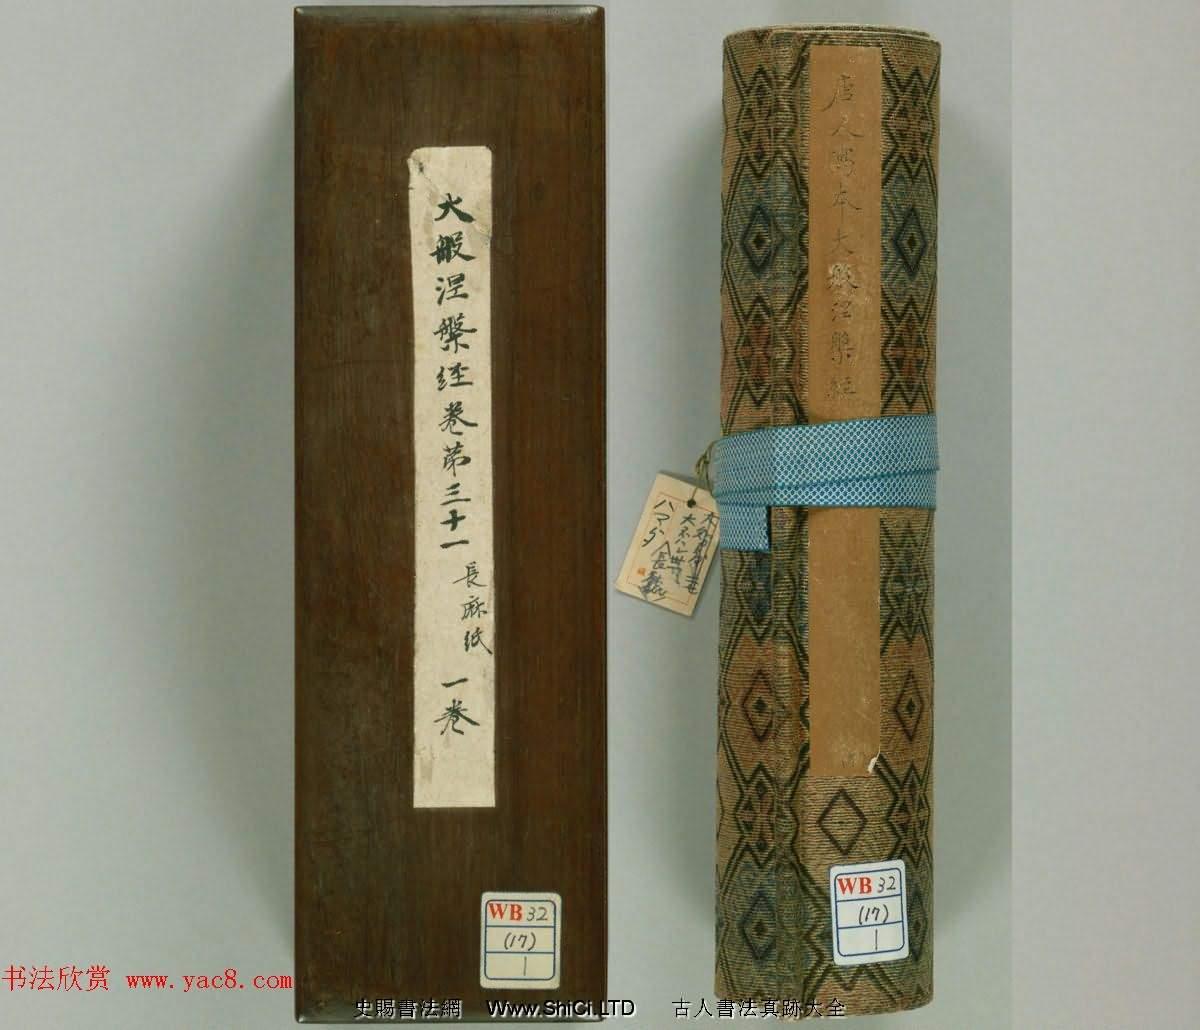 佛教經典手卷真跡欣賞《唐人寫本大般涅盤經卷第三十一》(共24張圖片)